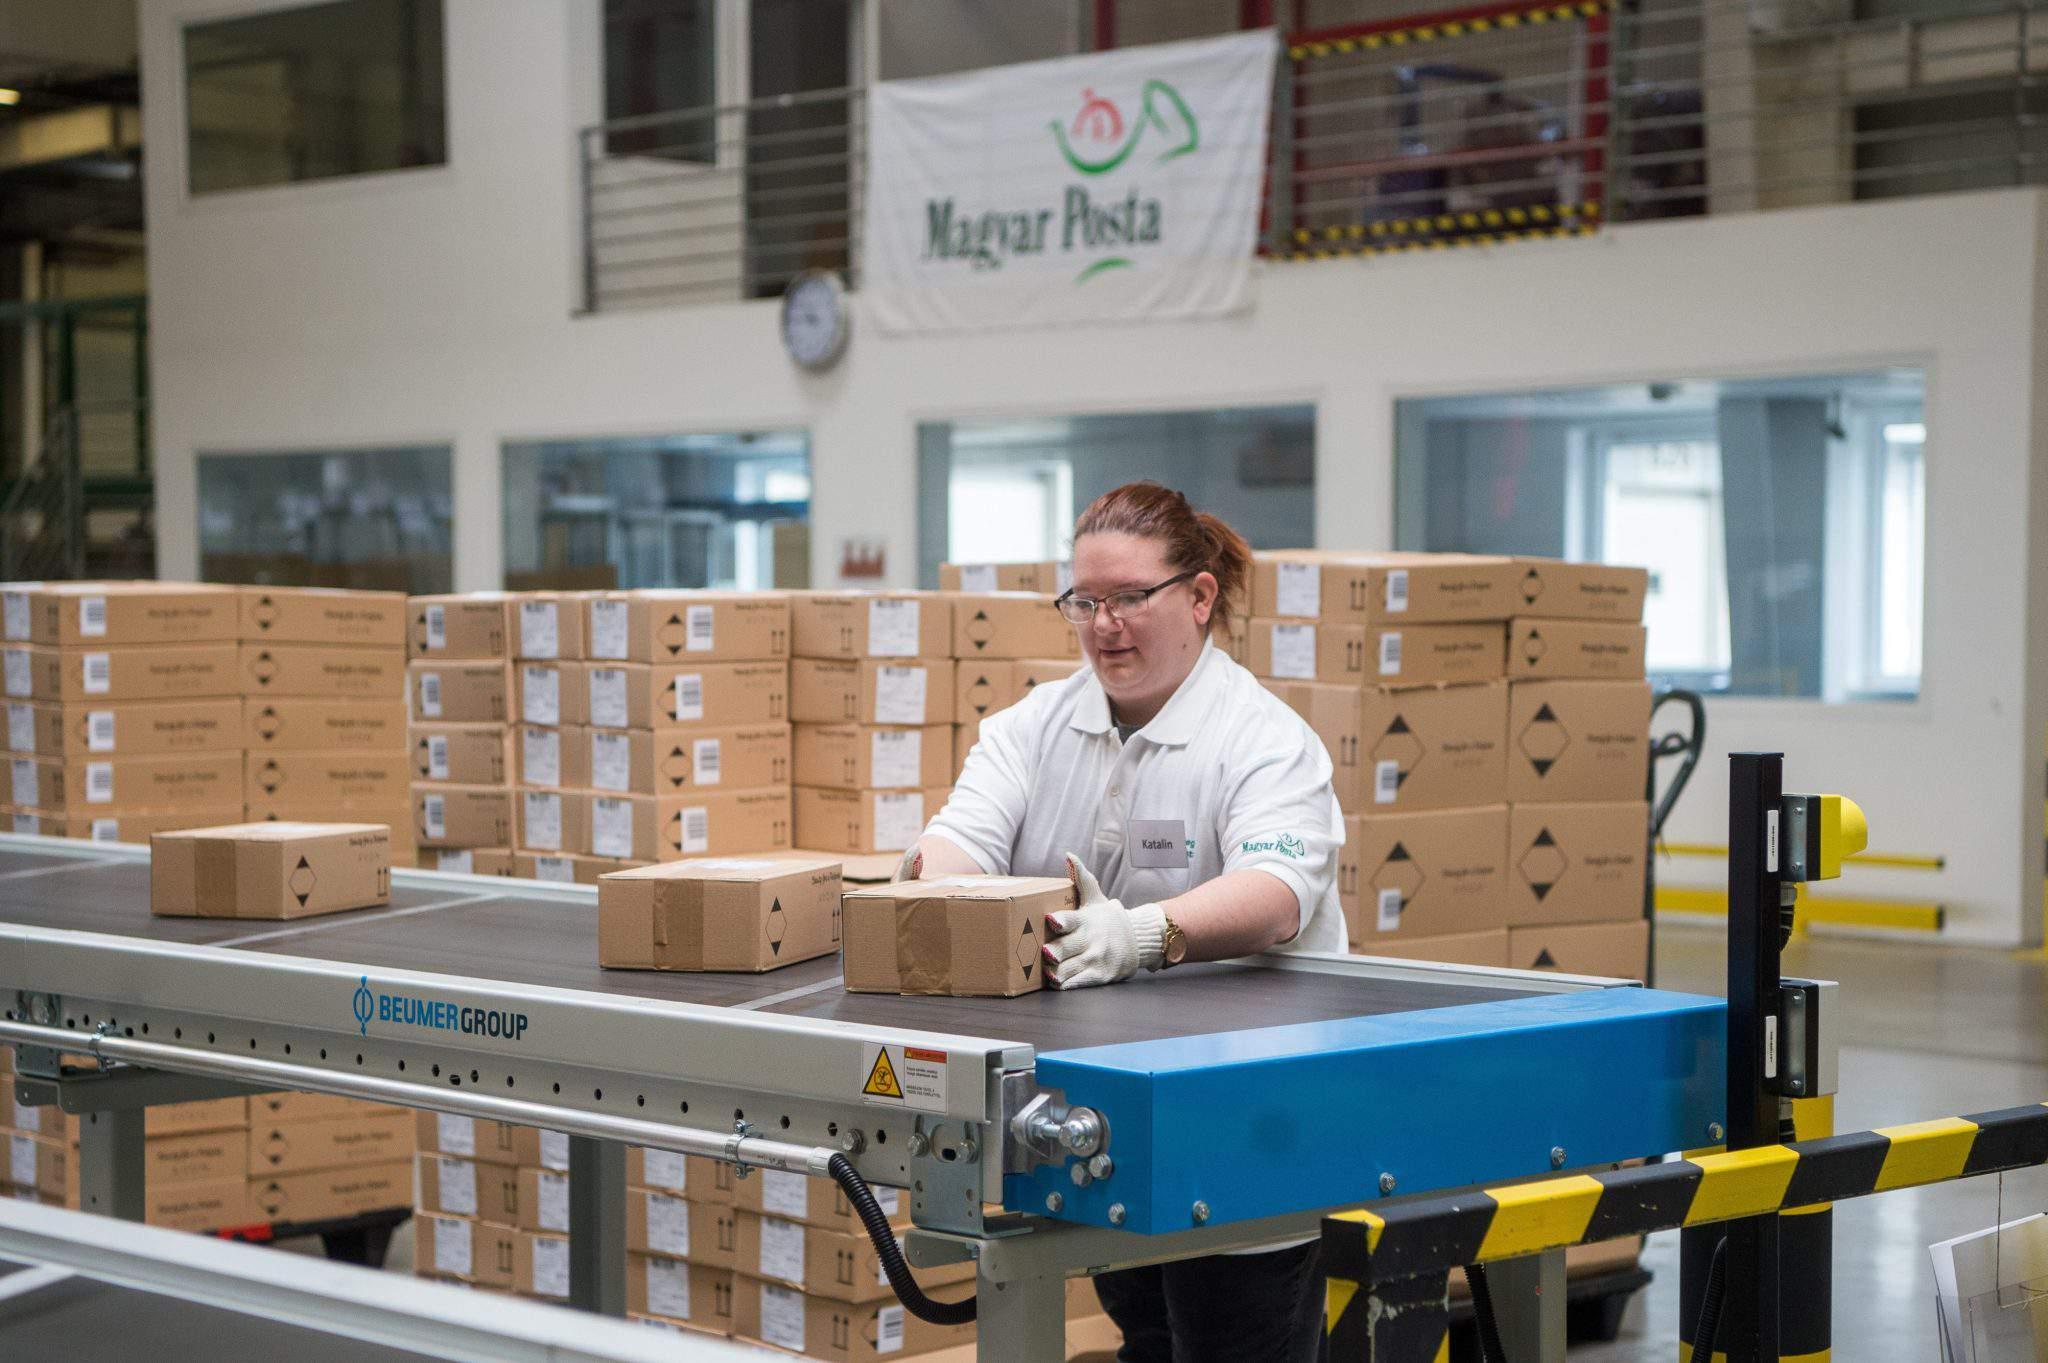 Posta worker labour market